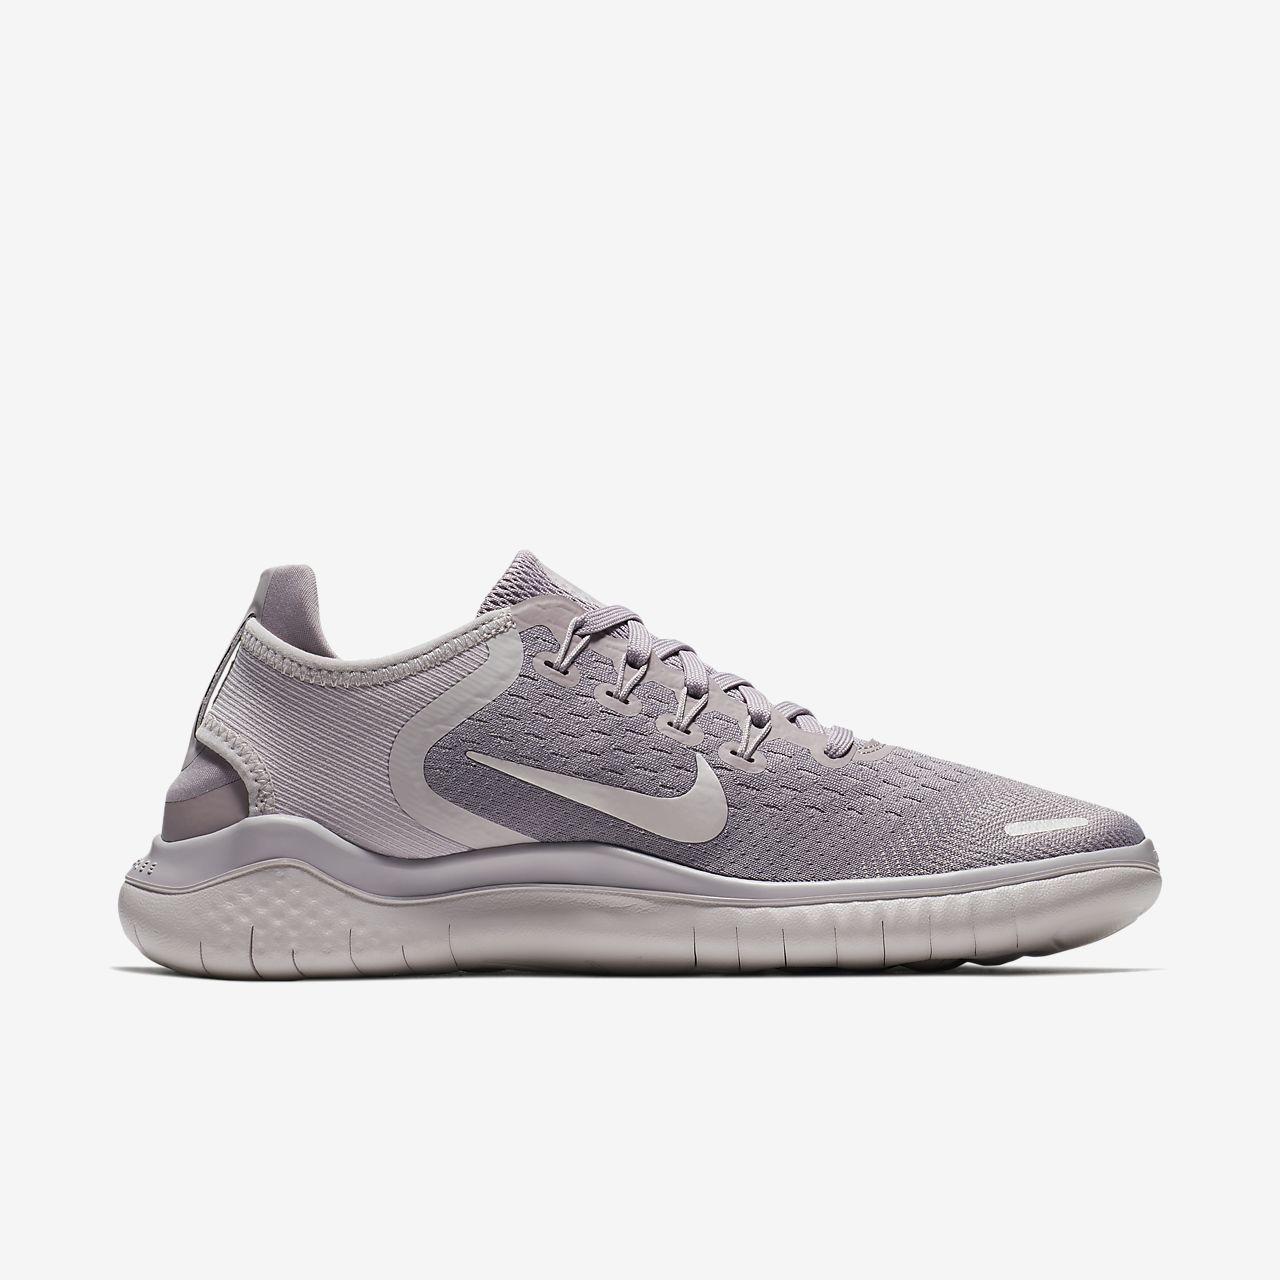 Verkauf Großhandelspreis Billig 2018 Unisex Nike Women Free Running 2018 Schuh 942837 - 40 Top Qualität Billig 2018 Neu Rabatt Erwerben hYSz2